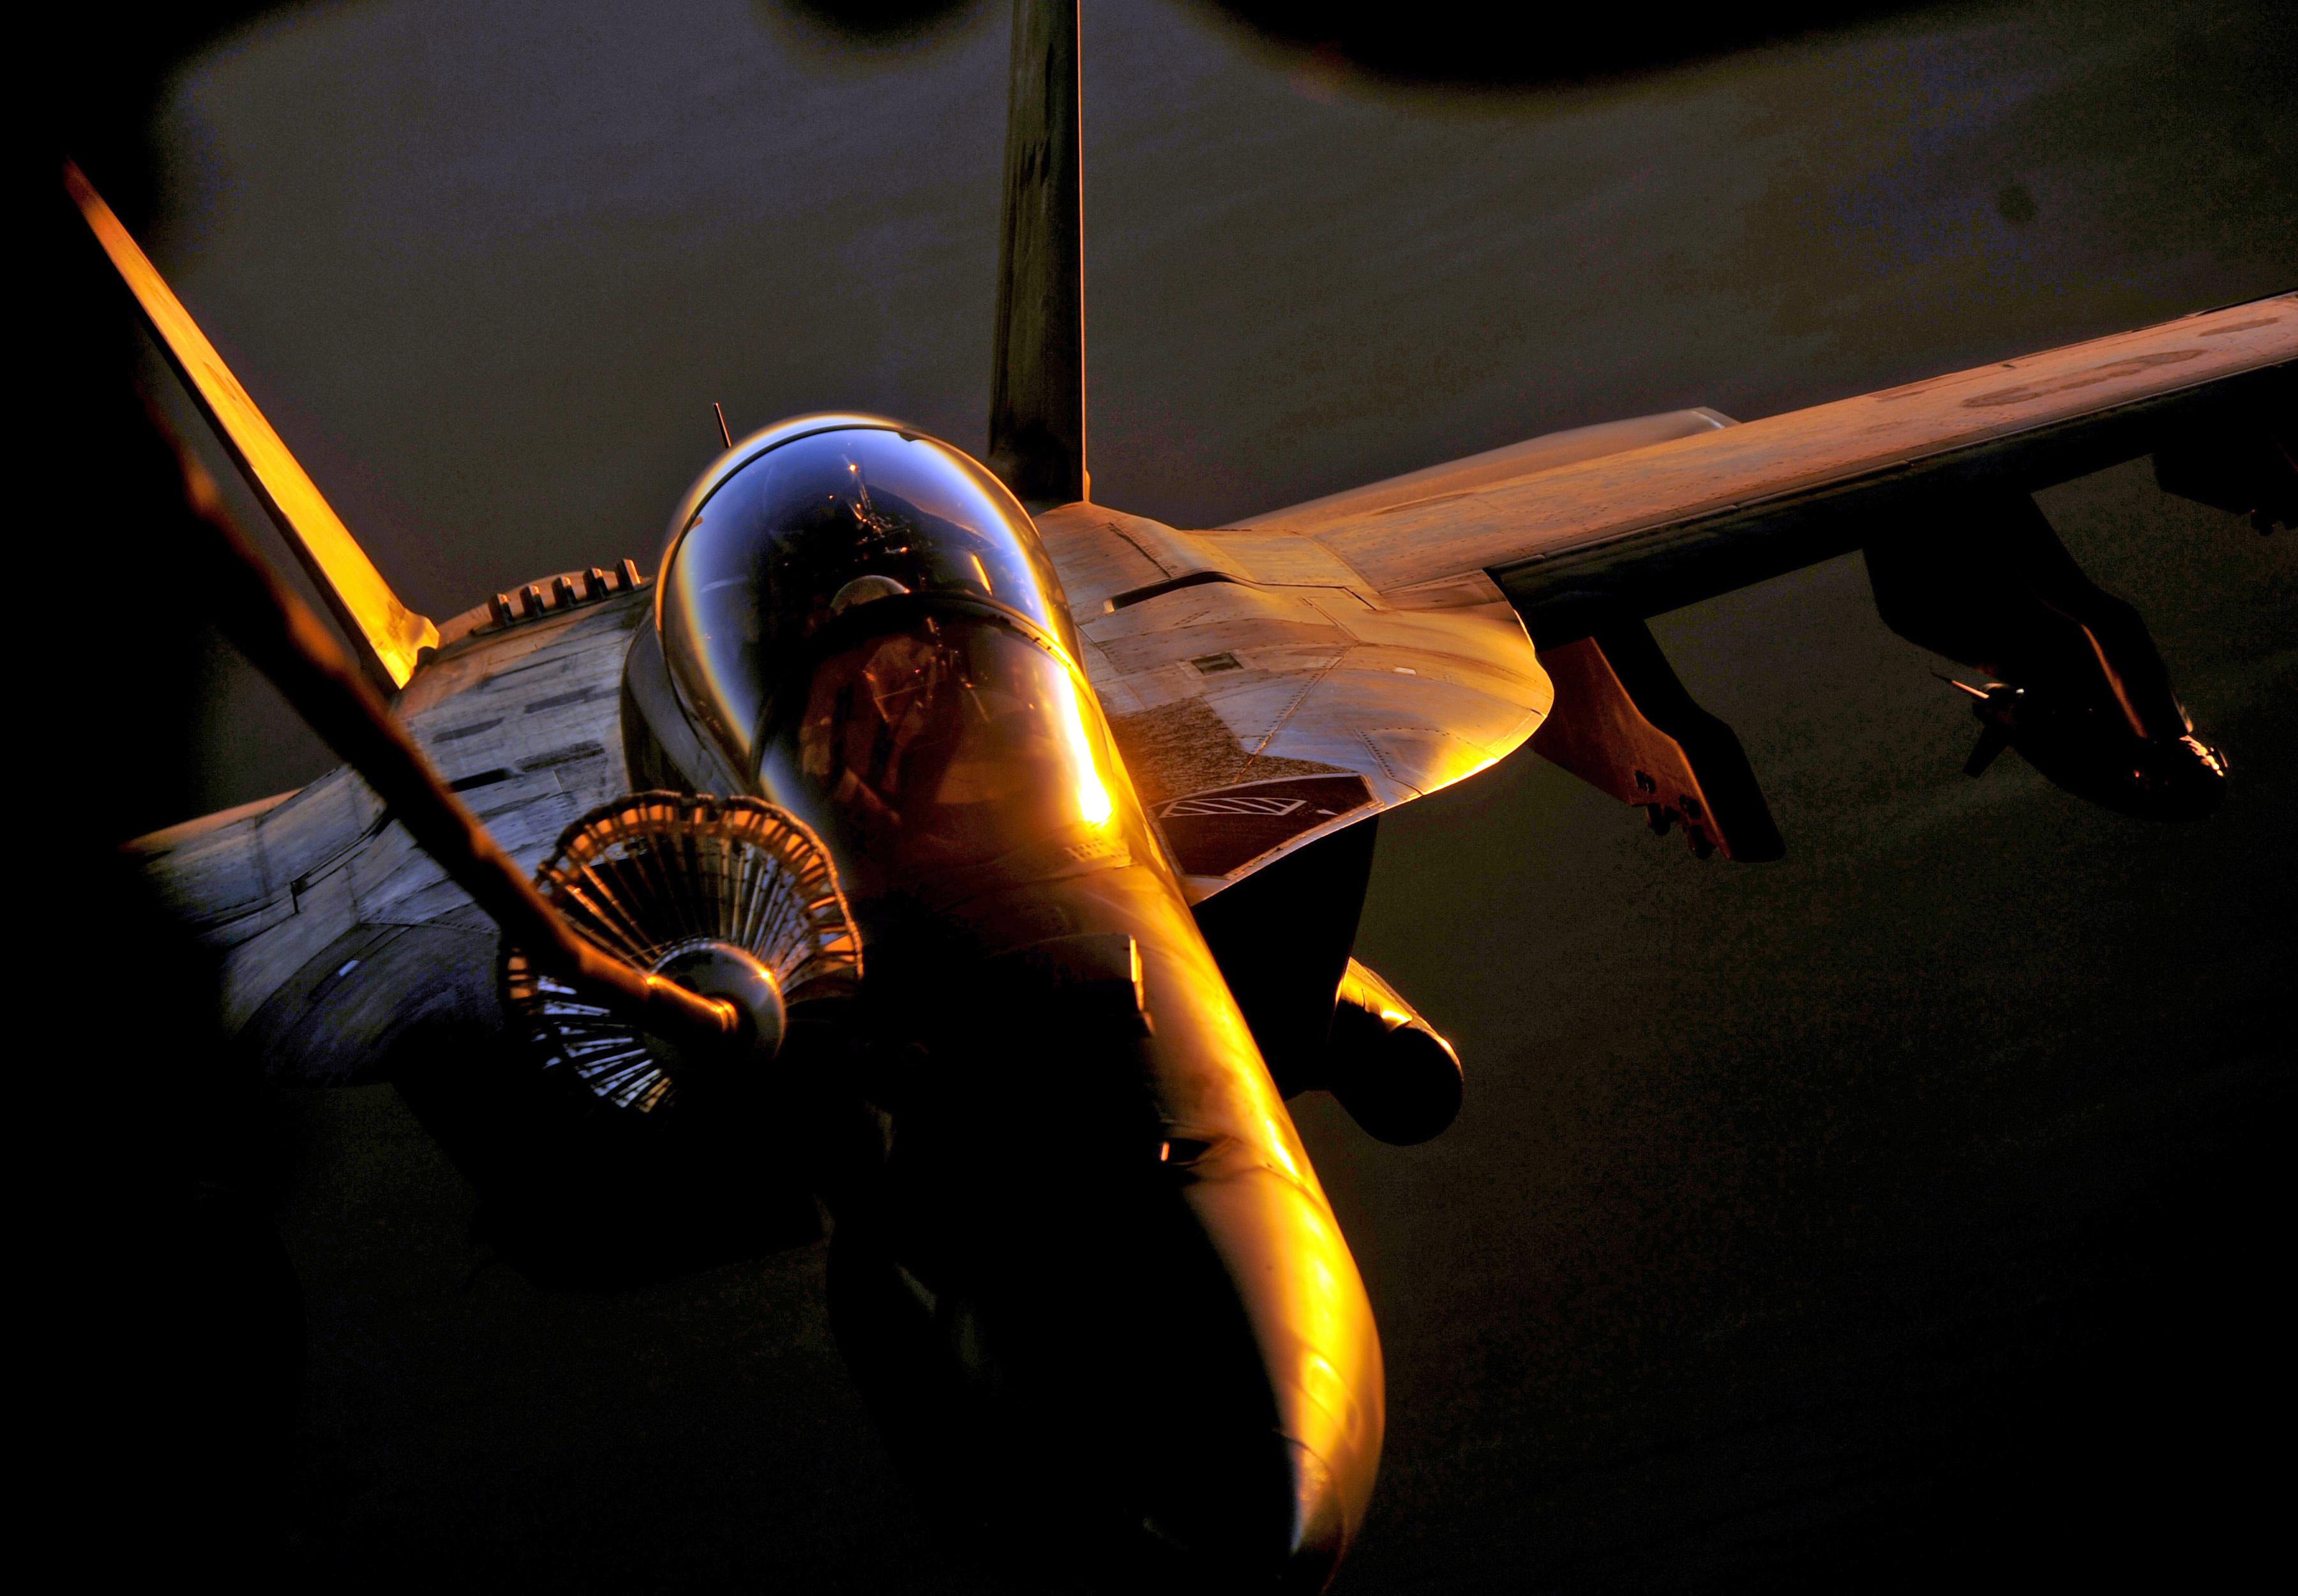 Искры, полет, огонь, вертолет, небо, самолет  № 3749083 загрузить